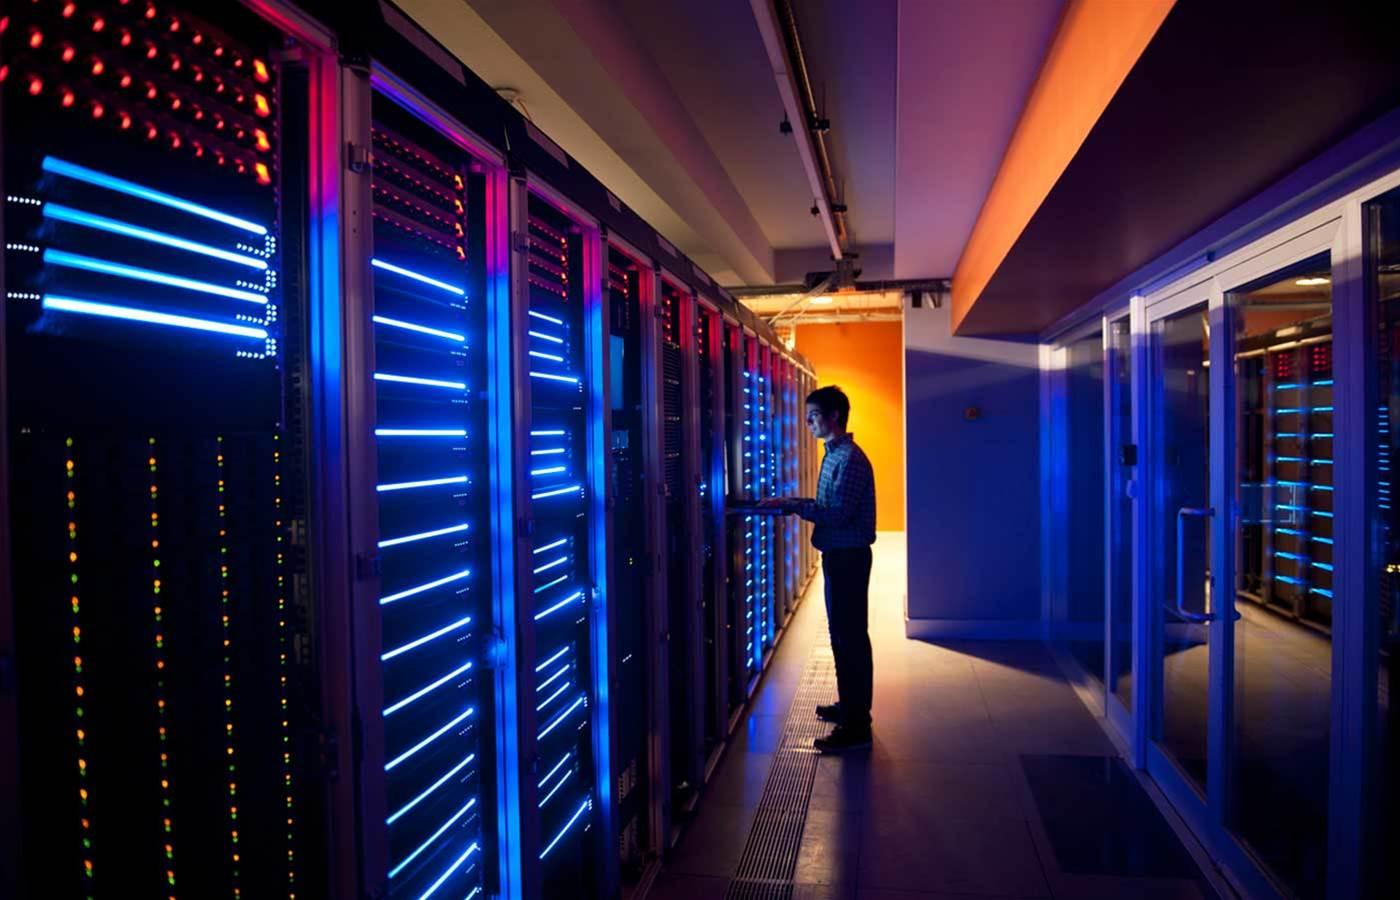 Aussie public cloud spending to reach $6.5 billion: Gartner